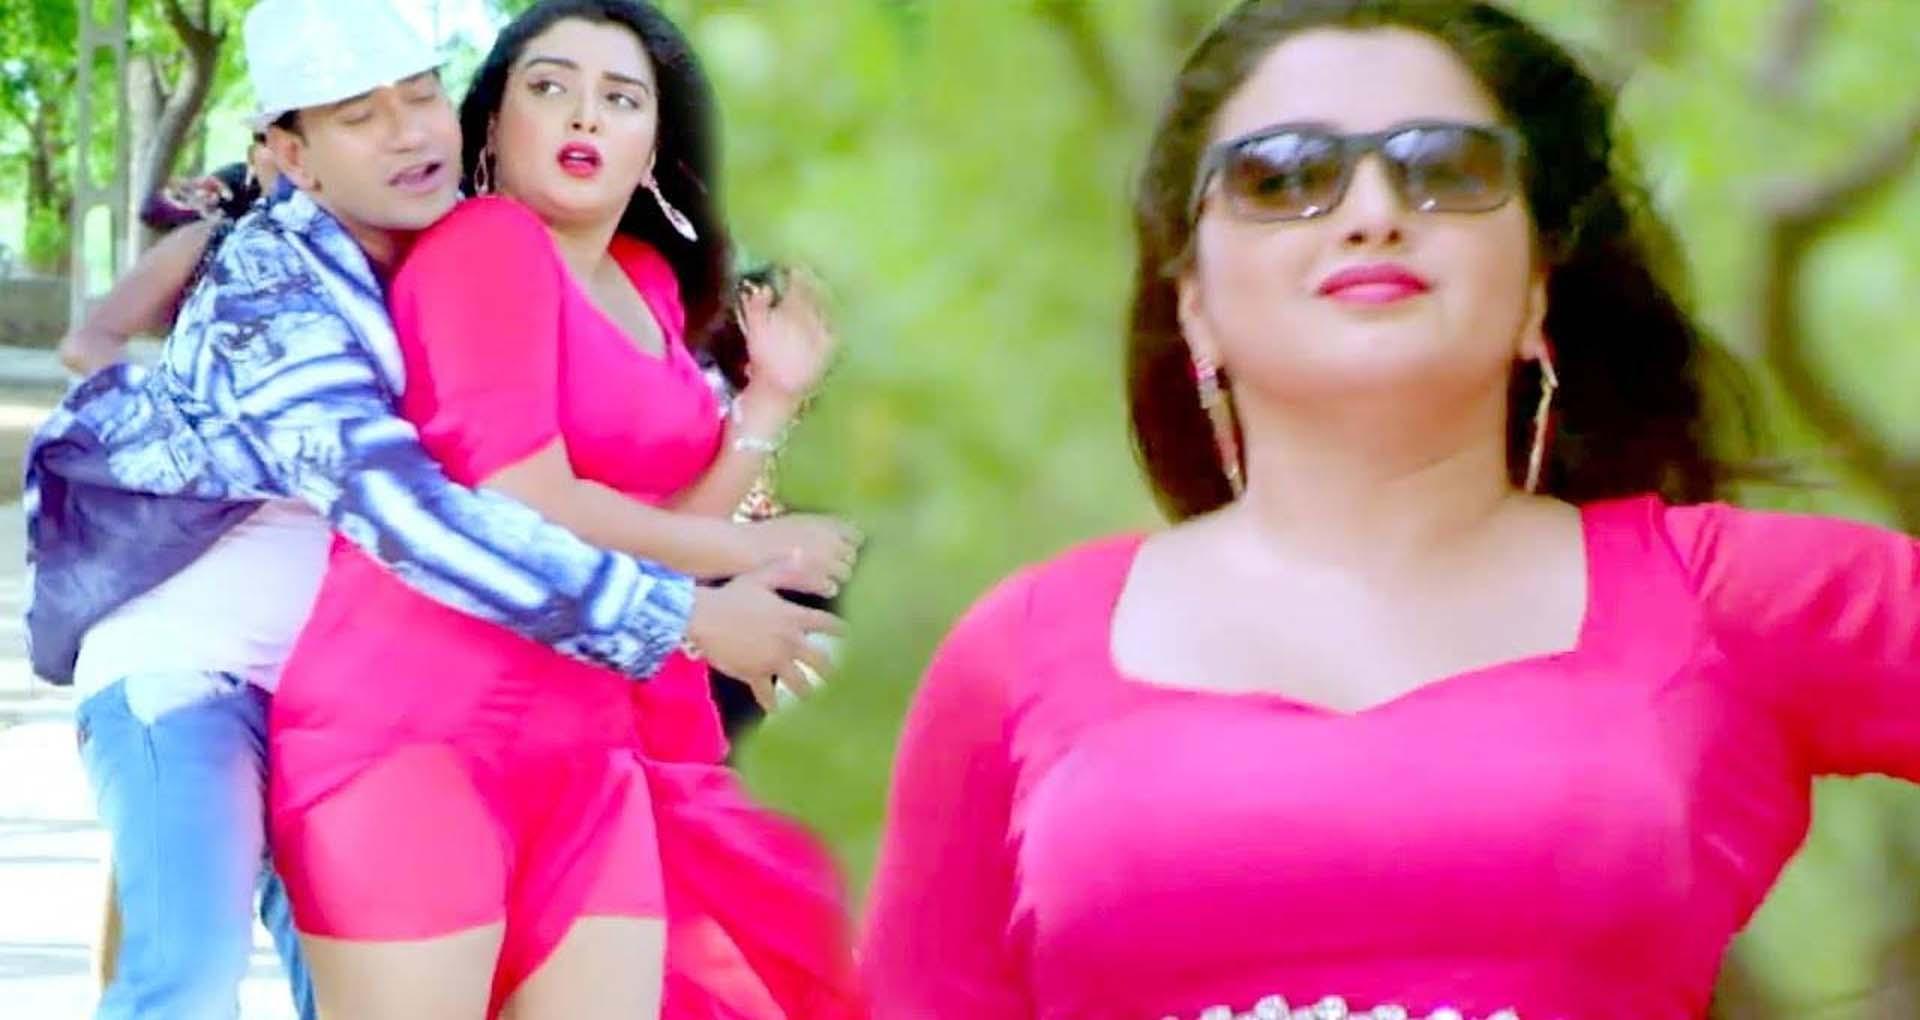 Dinesh Lal Yadav Song: निरहुआ का गाना 'आम्रपाली रे कच कच खली' हो रहा है Viral, देखें Video